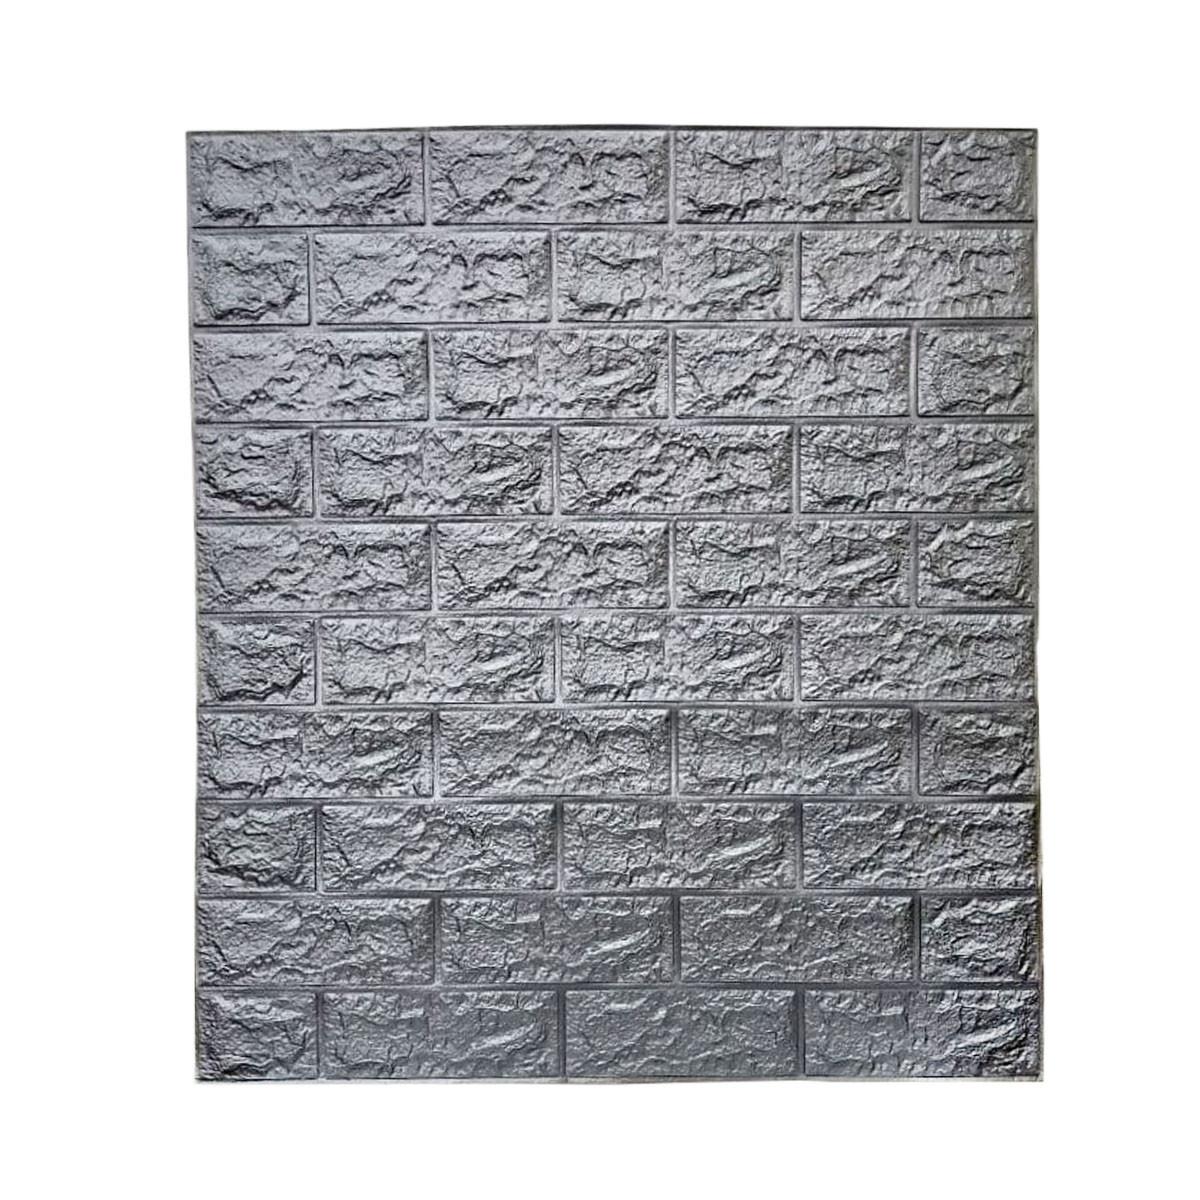 Самоклеюча декоративна 3D панель, цегла / Колір Сірий Металік 700*700*7мм